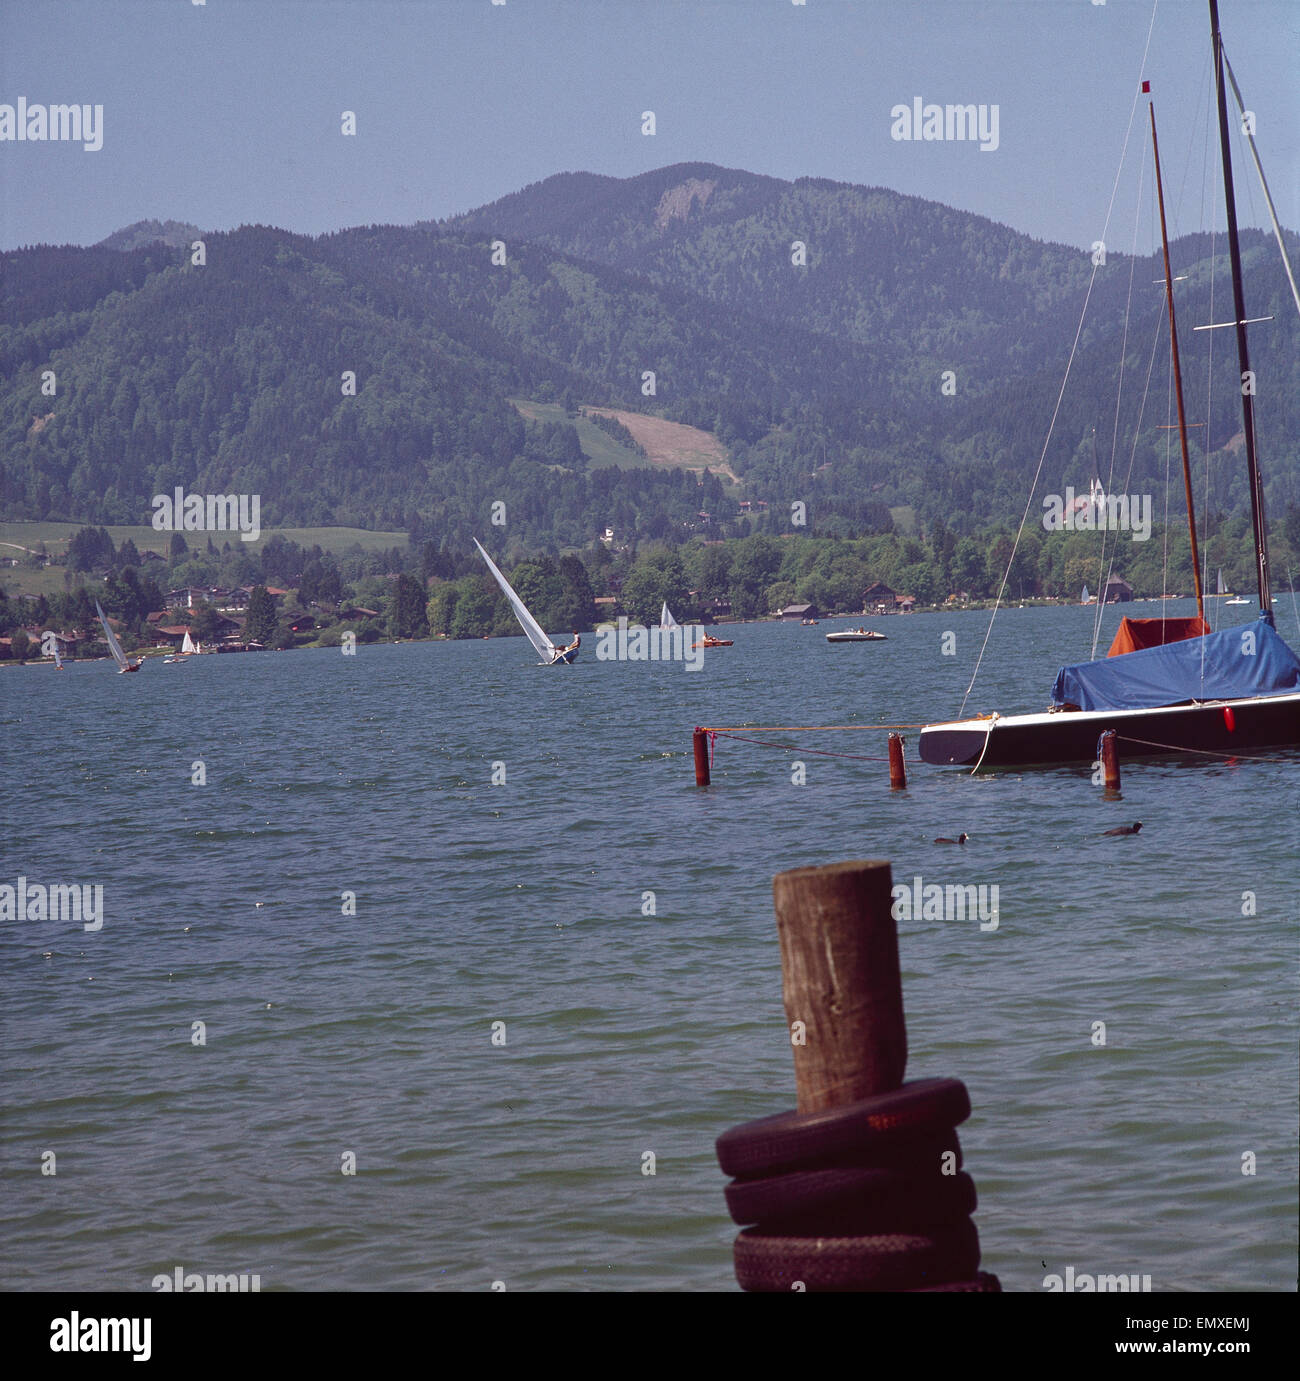 Deutschland, Tegernsee, Segelboote auf dem Tegernsee Stock Photo